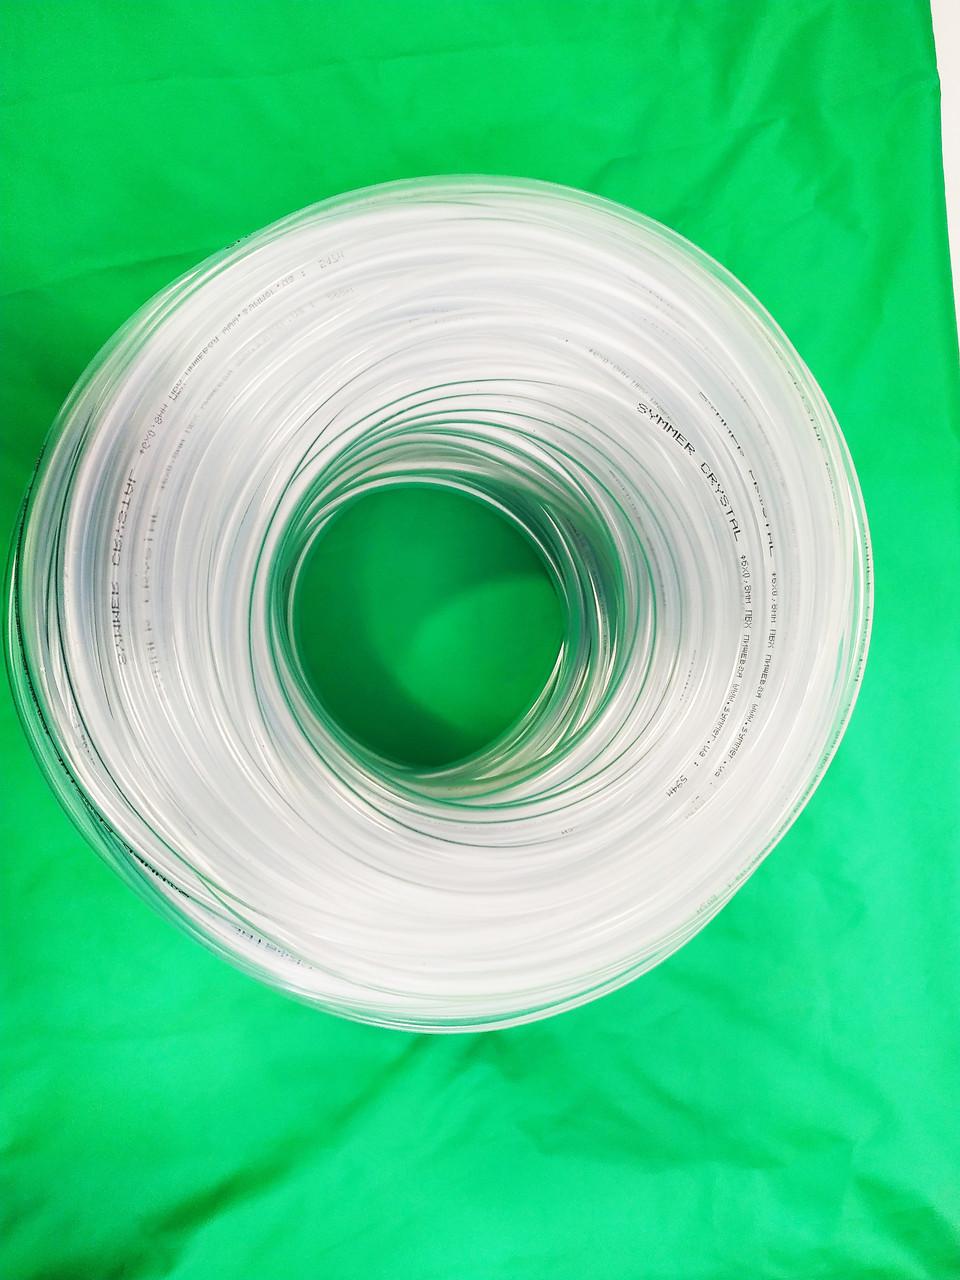 Шланг ПВХ Symmer Ø 14мм. высокого давления прозрачный пищевой (универсальный) 50м.